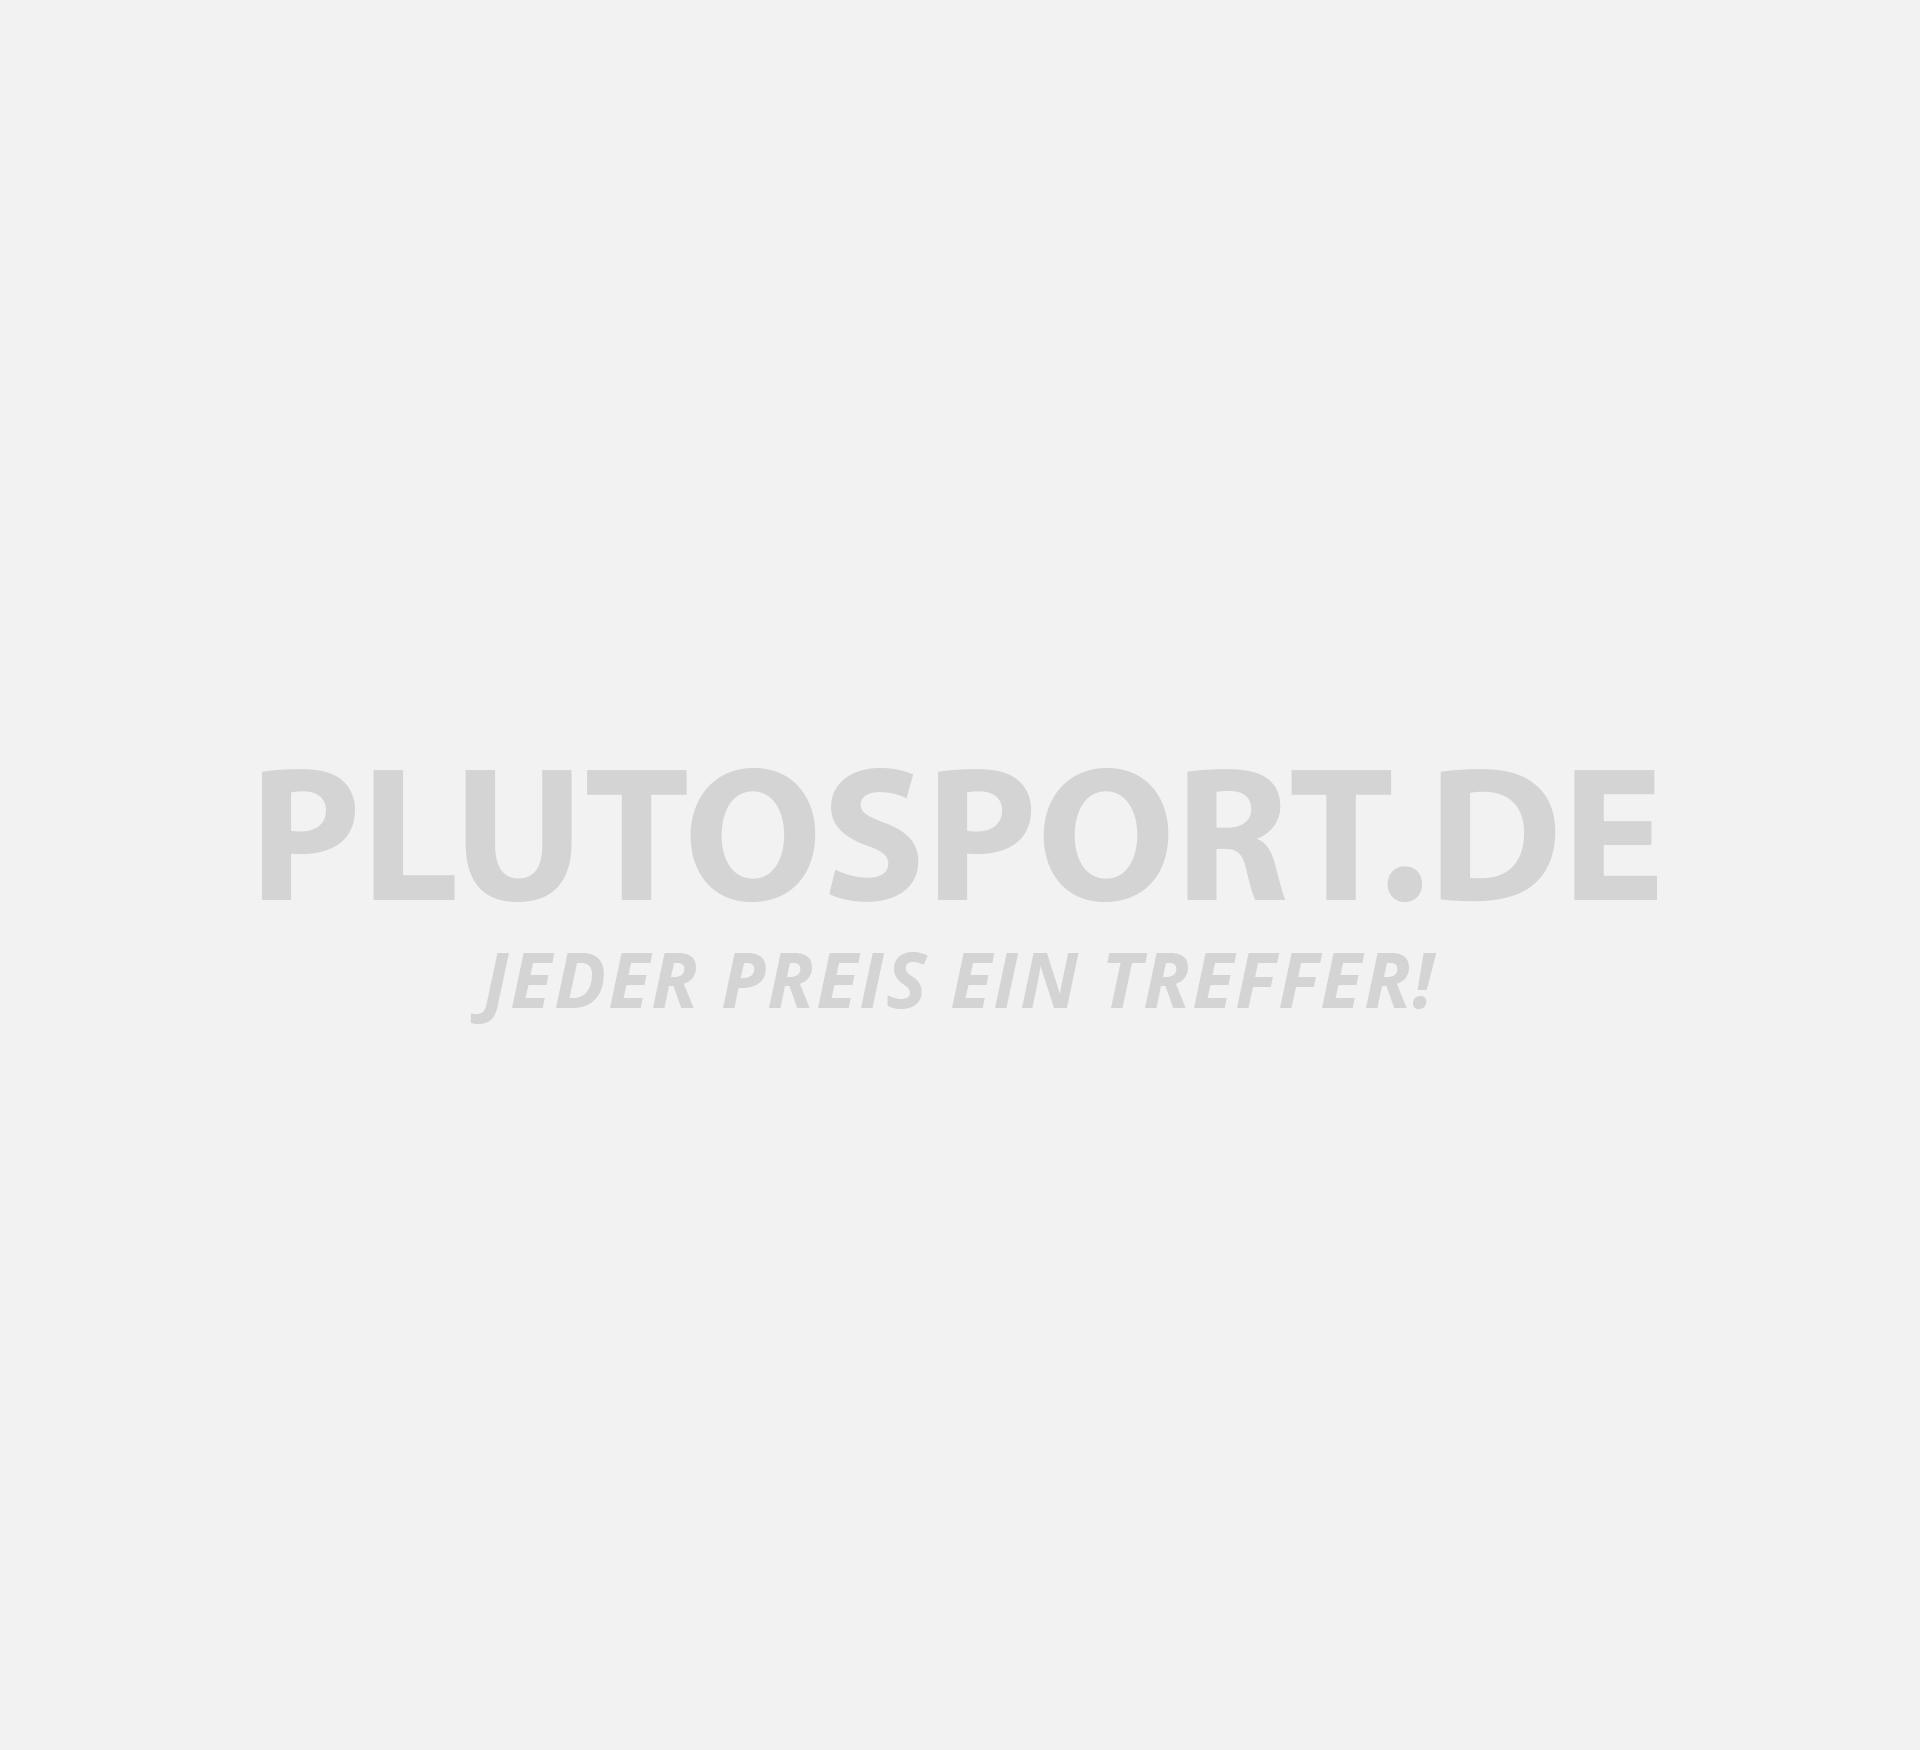 ae50785afdb15 Sporttaschen und Rucksäcke bei Sportiply